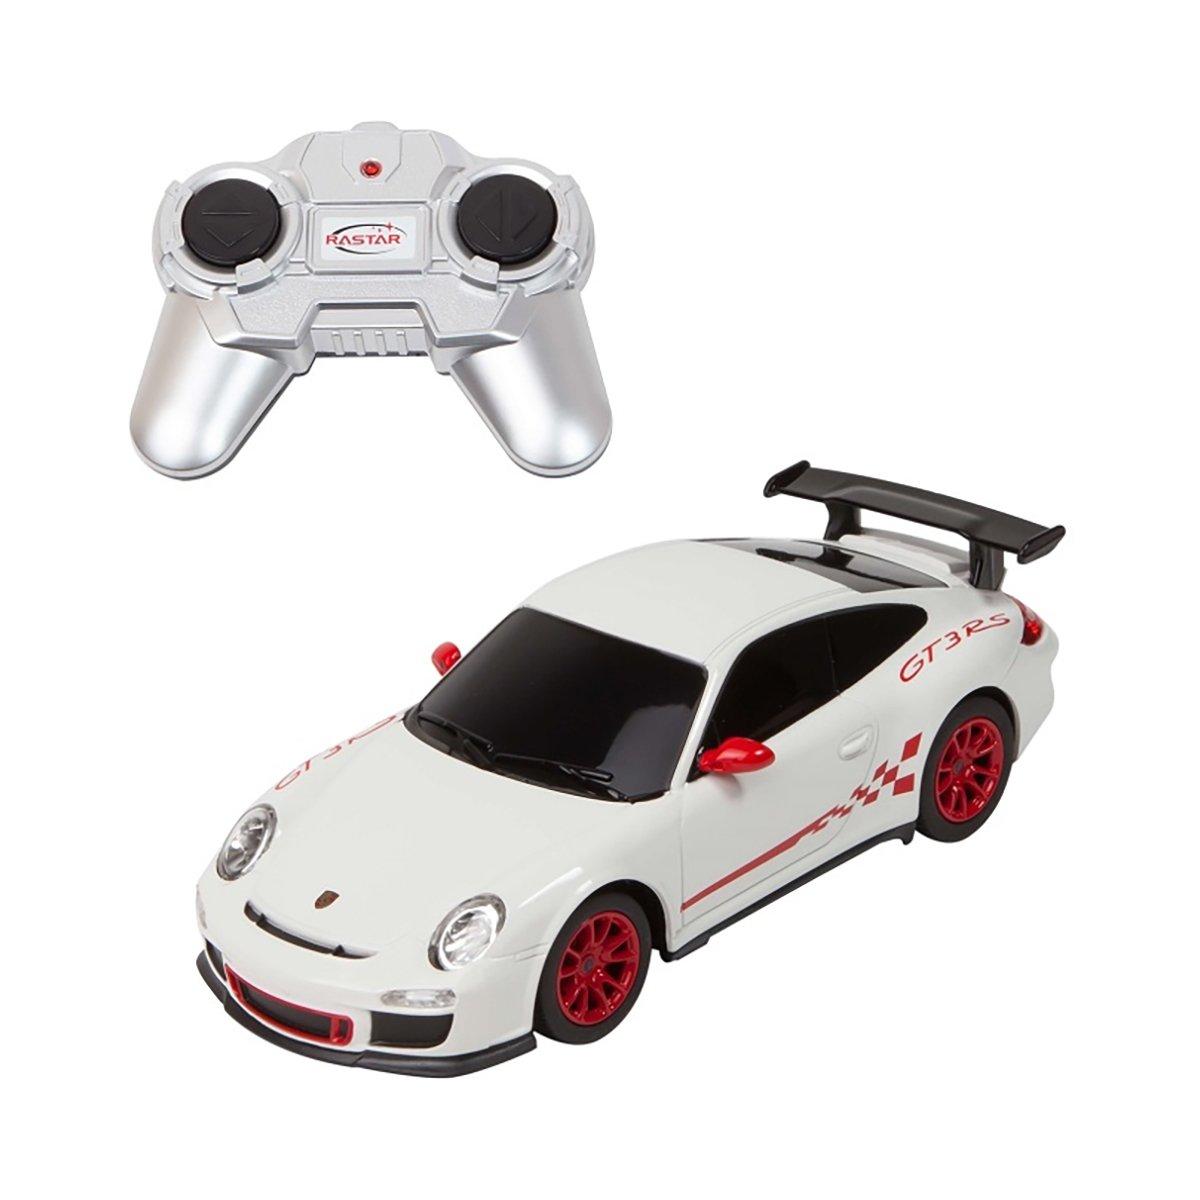 Masina cu telecomanda Rastar Porsche GT3 RS S, 1:24, Alb